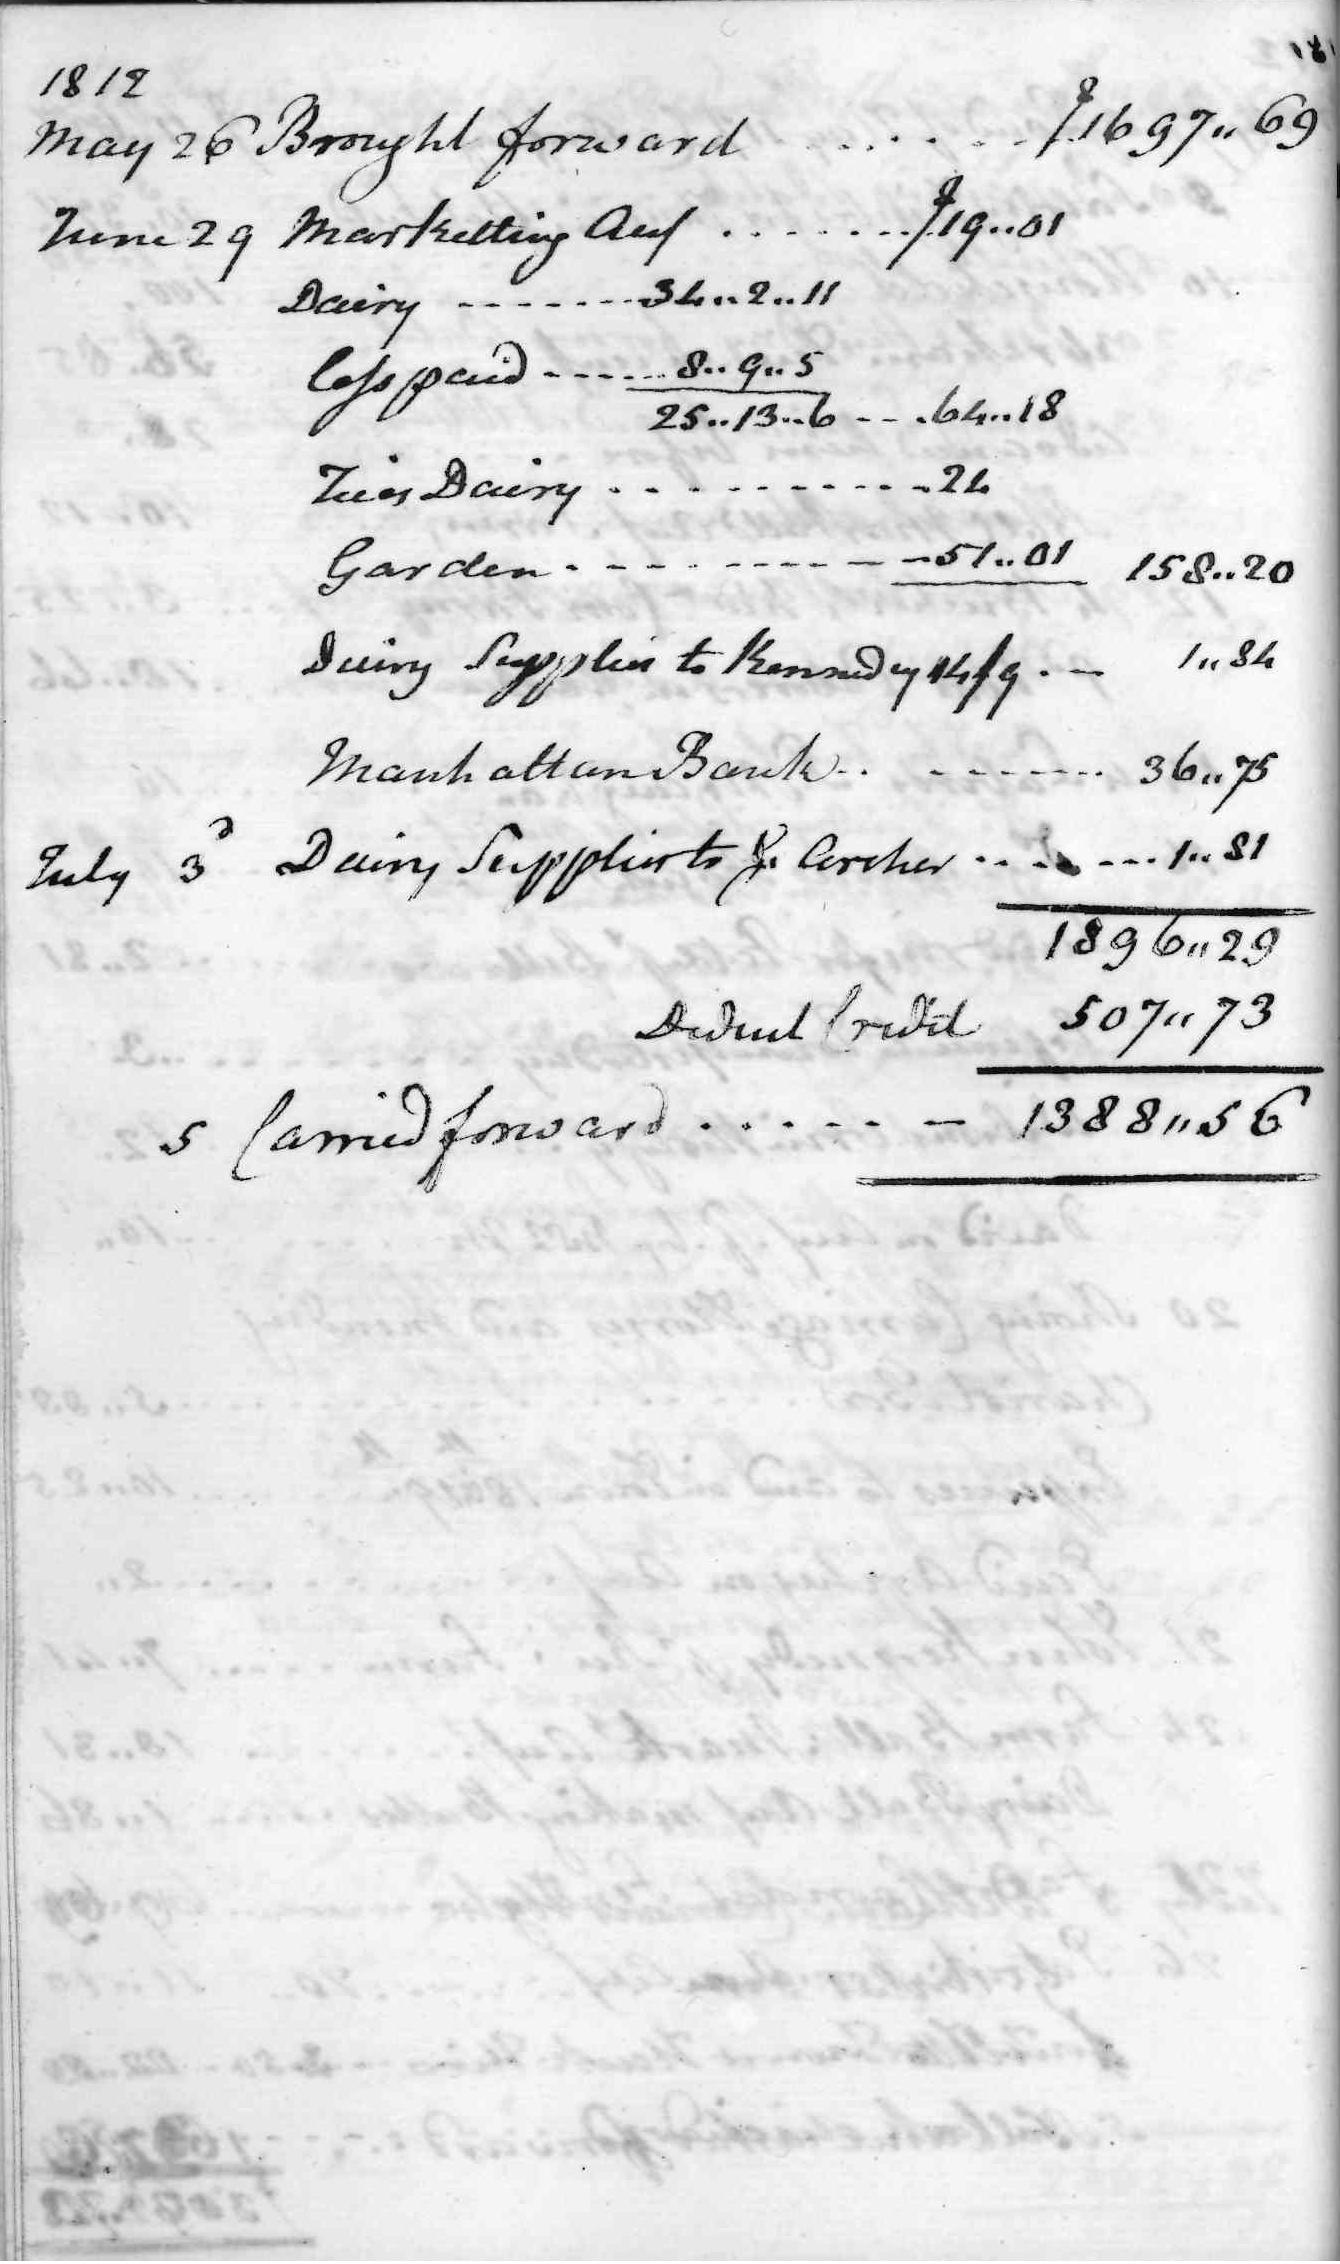 Gouverneur Morris Cash Book, folio 8, left side